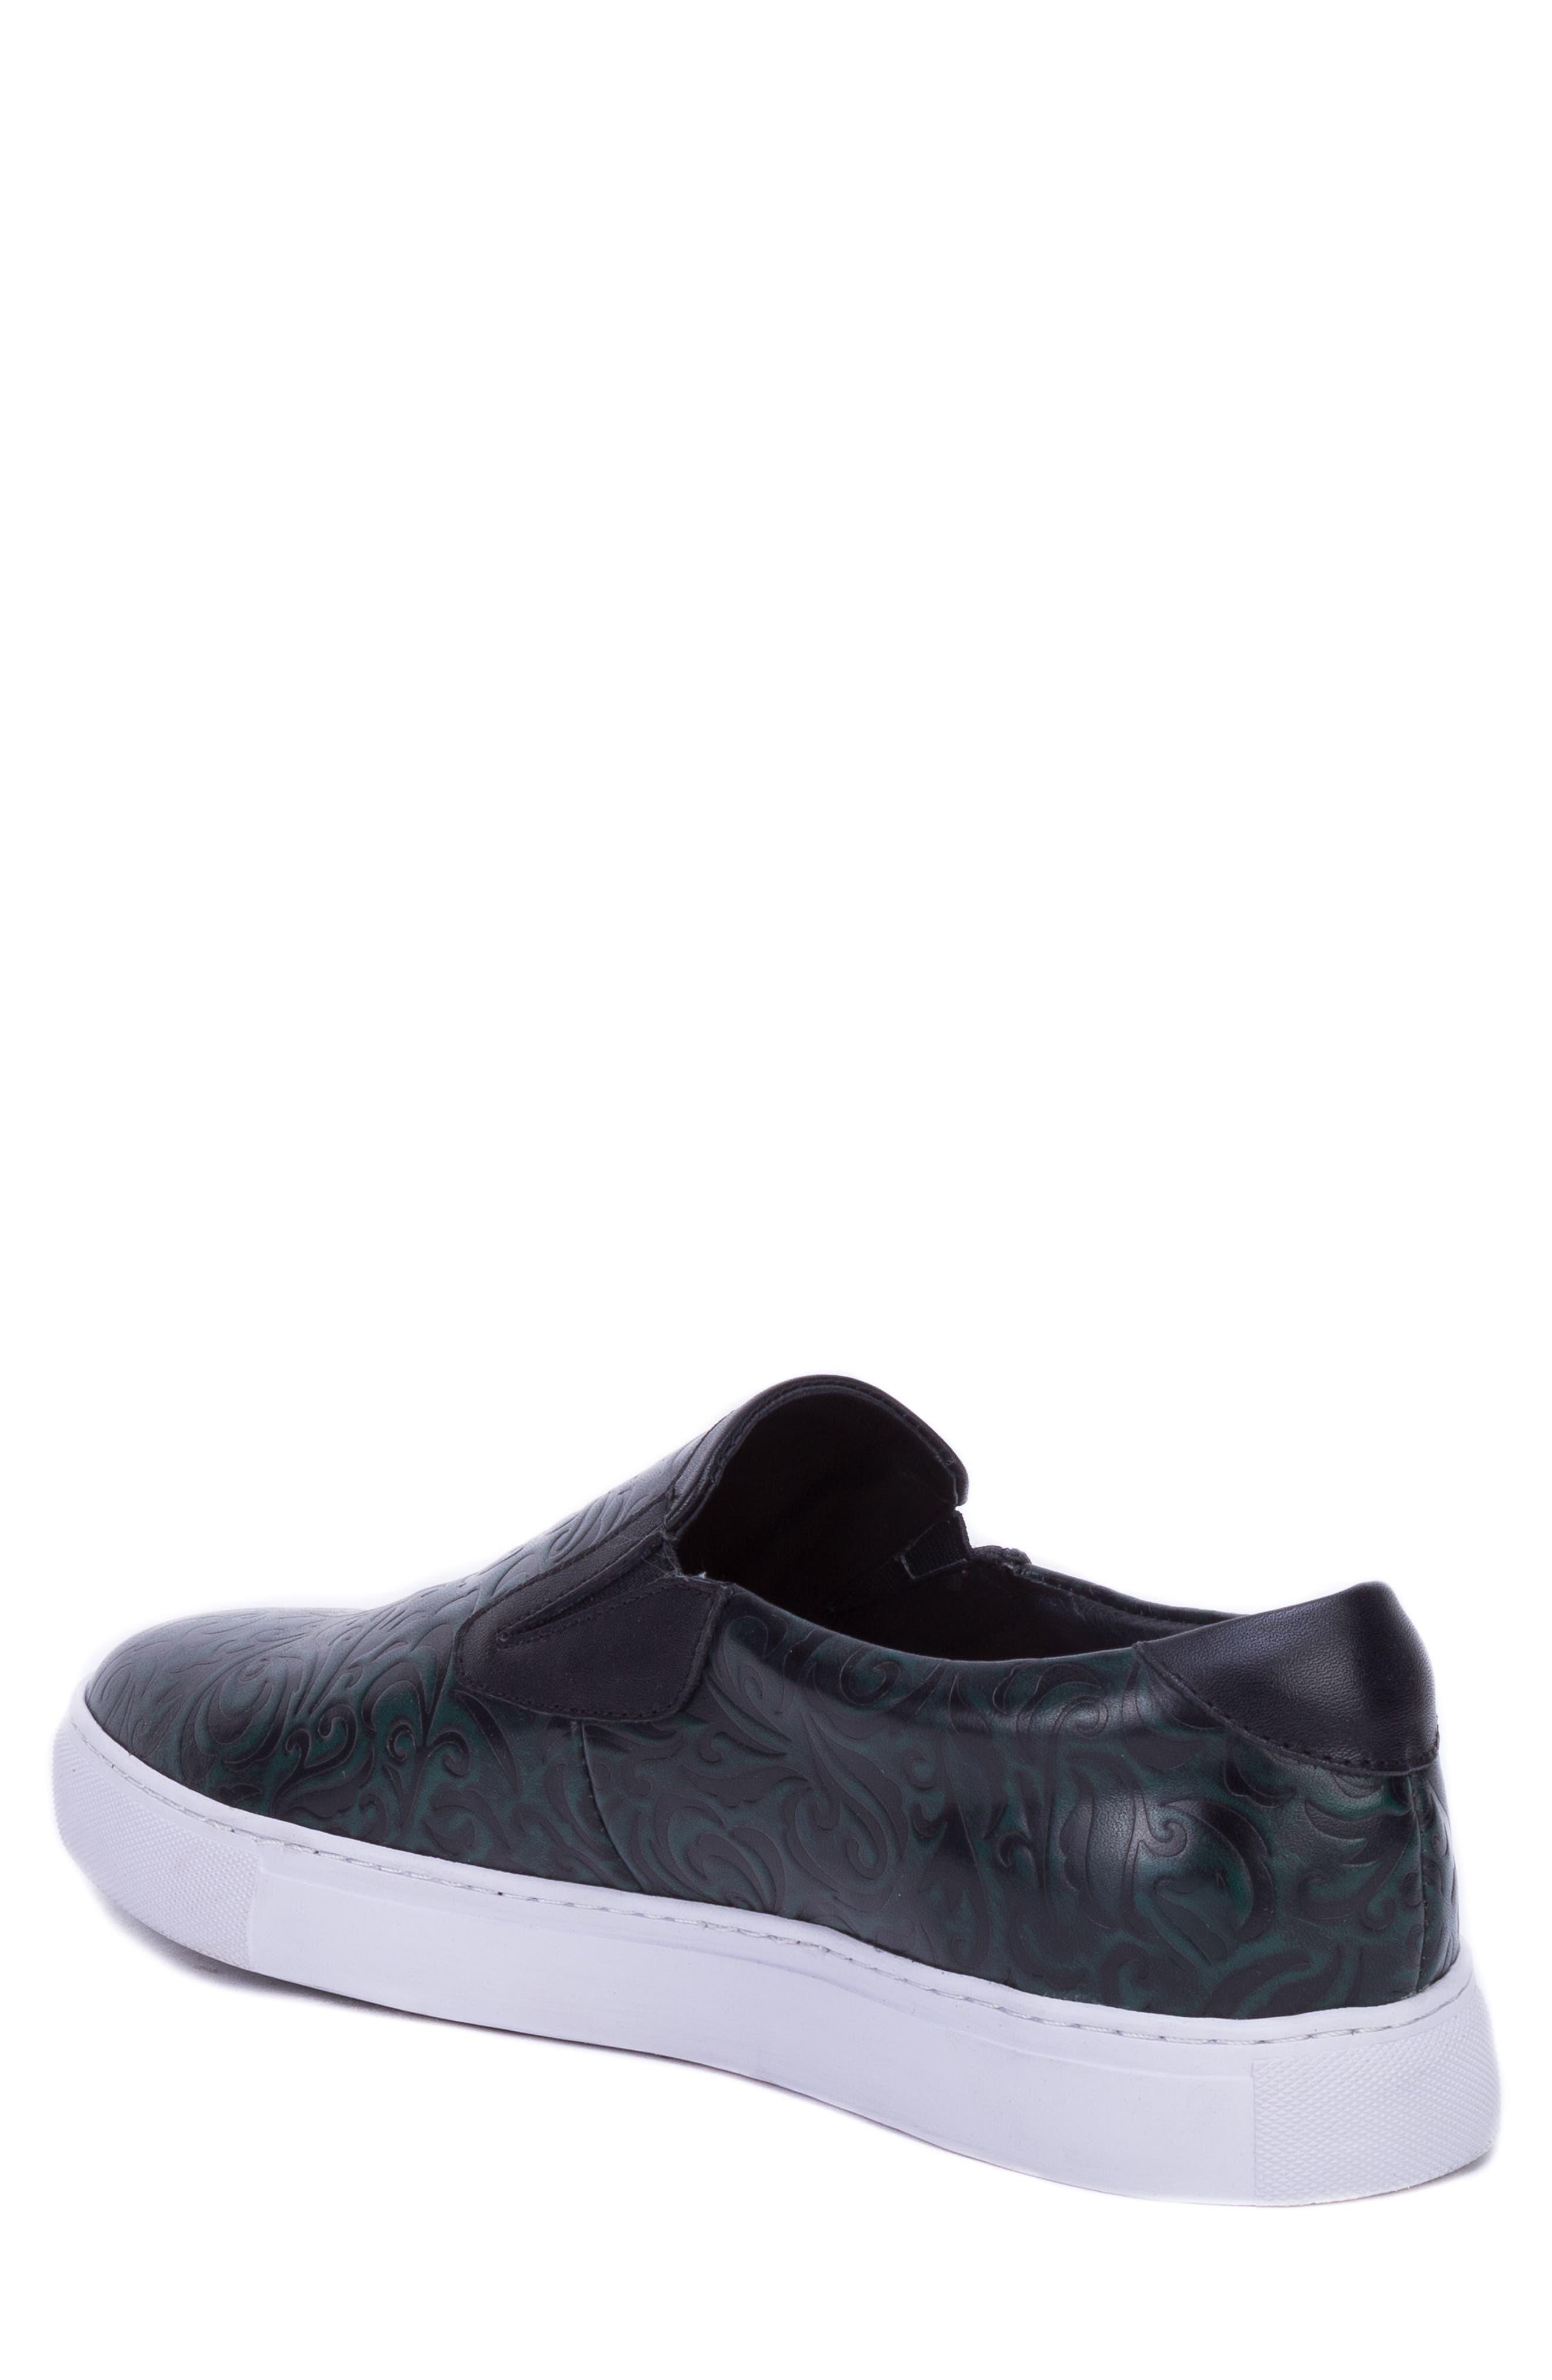 Lanning Slip-On Sneaker,                             Alternate thumbnail 2, color,                             GREEN LEATHER